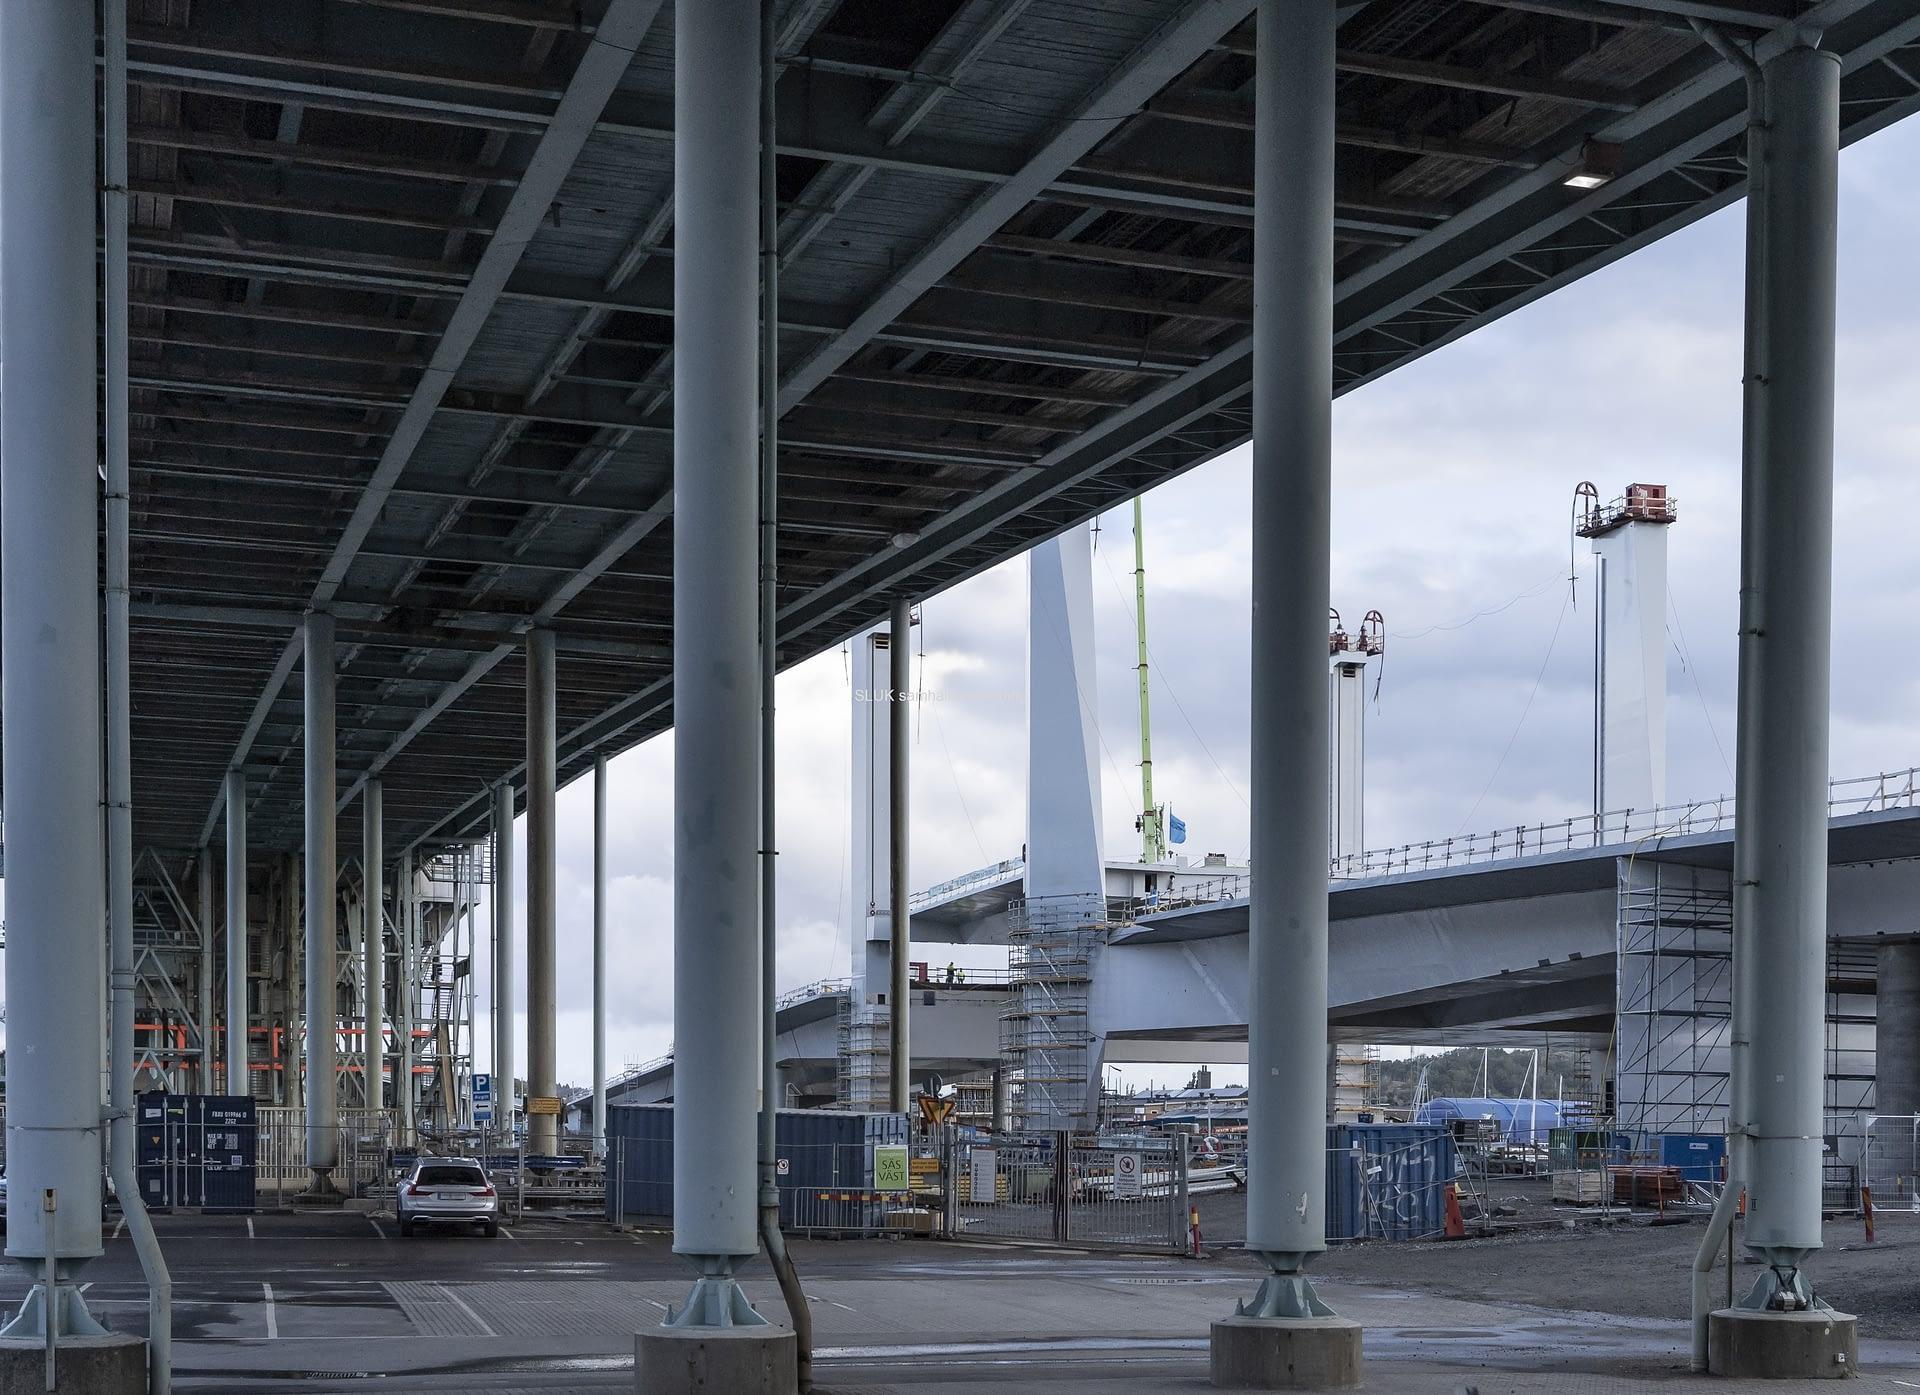 Kl. 7 började man att höja upp lyftspannet. Den här bilden är tagen kl. 7:30, underifrån Götaälvbron.